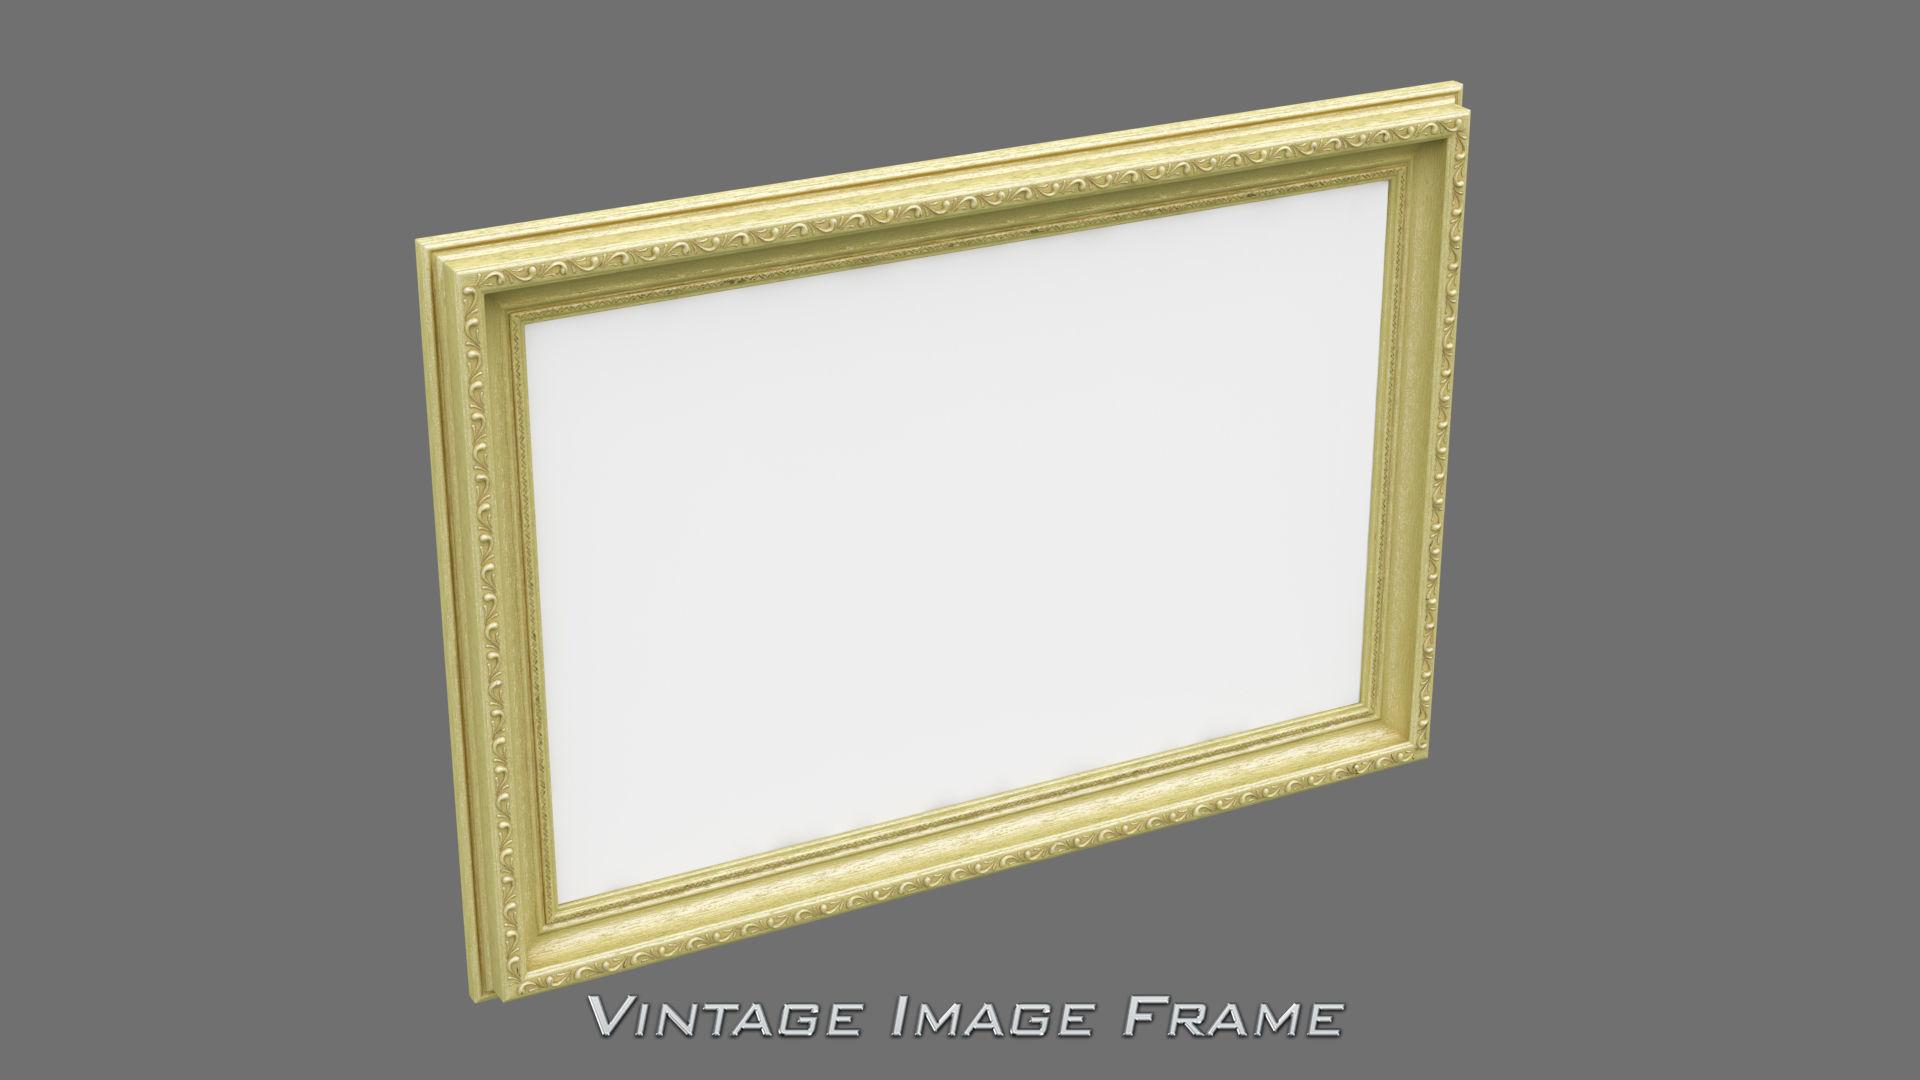 Picture frame 3d models cgtrader 3d vintage image frame jeuxipadfo Images